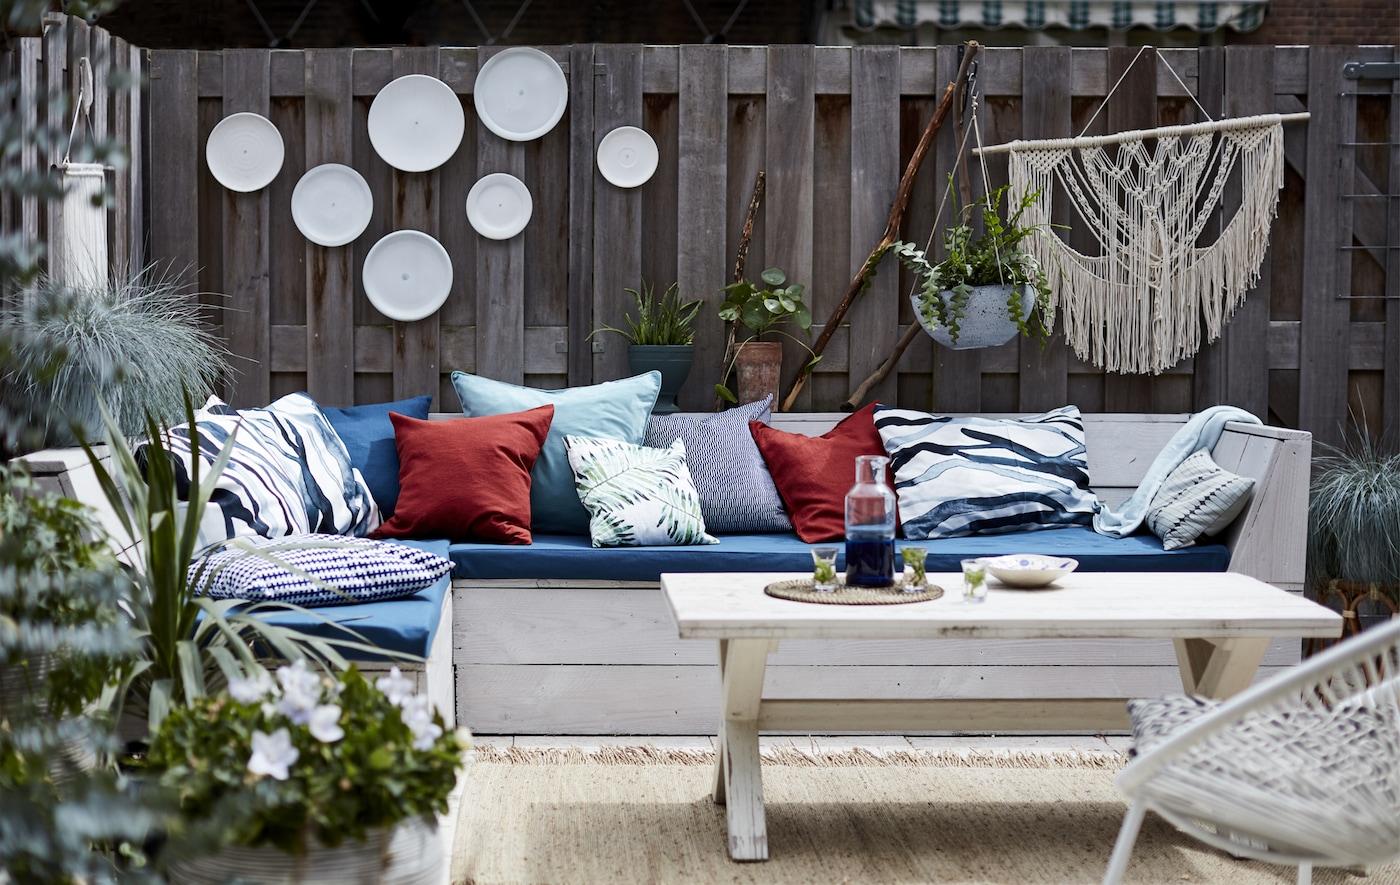 Ein Wohnzimmer im Freien mit Kissen und Hängepflanzen